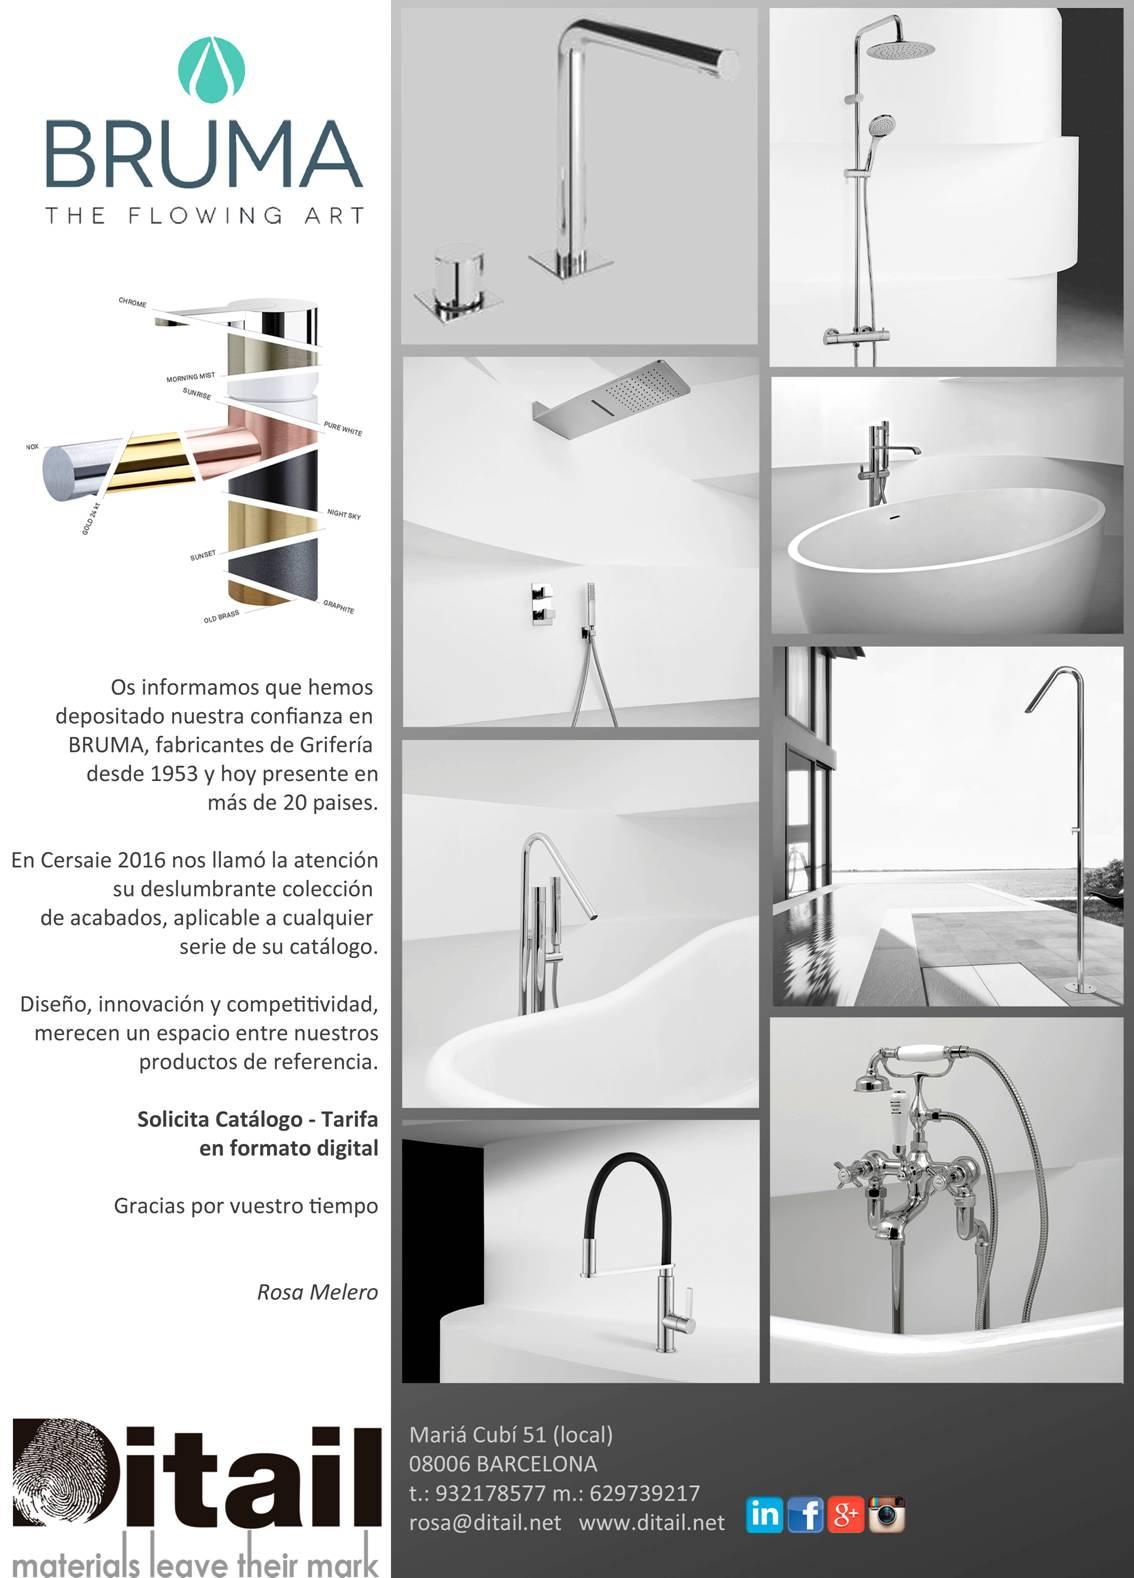 ditail-soluciones-bruma-griferia3